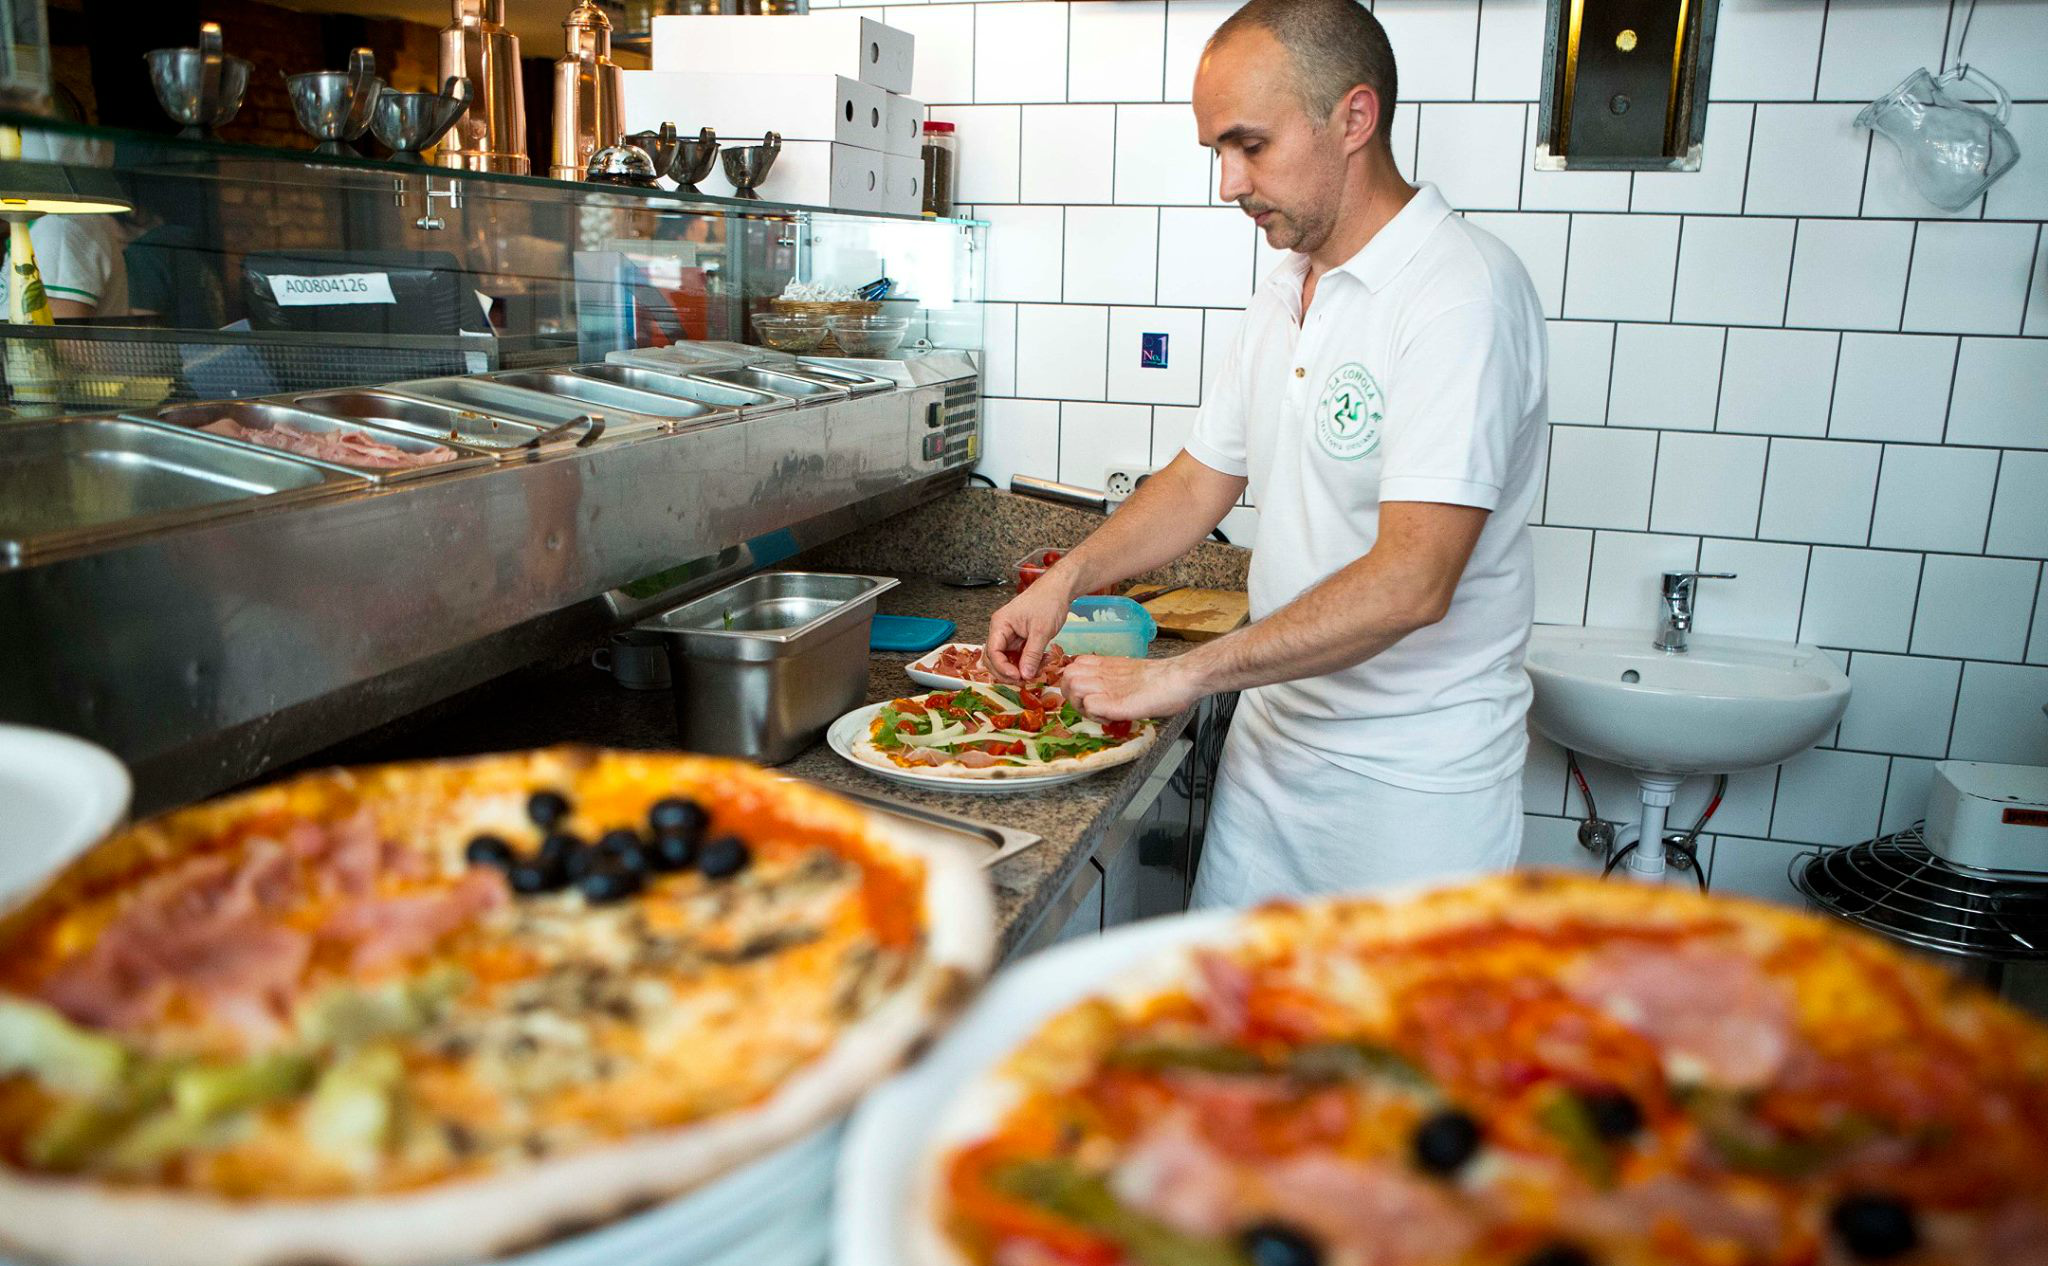 מסעדה איטלקית בבודפשט - מסעדת קופולה